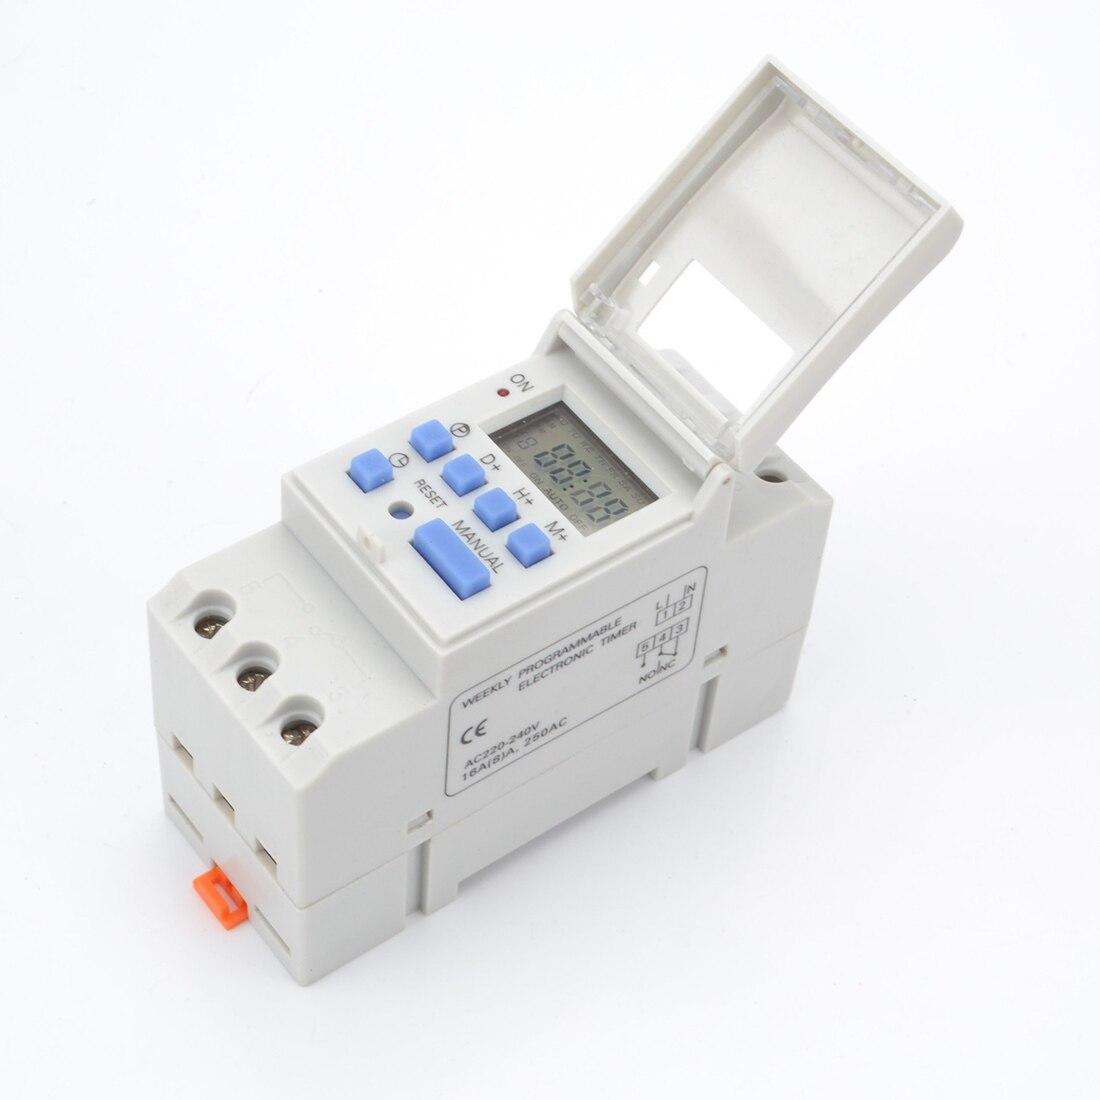 7 días programable temporizador Digital interruptor de relé de Control 220 V 230 V 6A 10A 16A 20A 25A 30A electrónico semanal